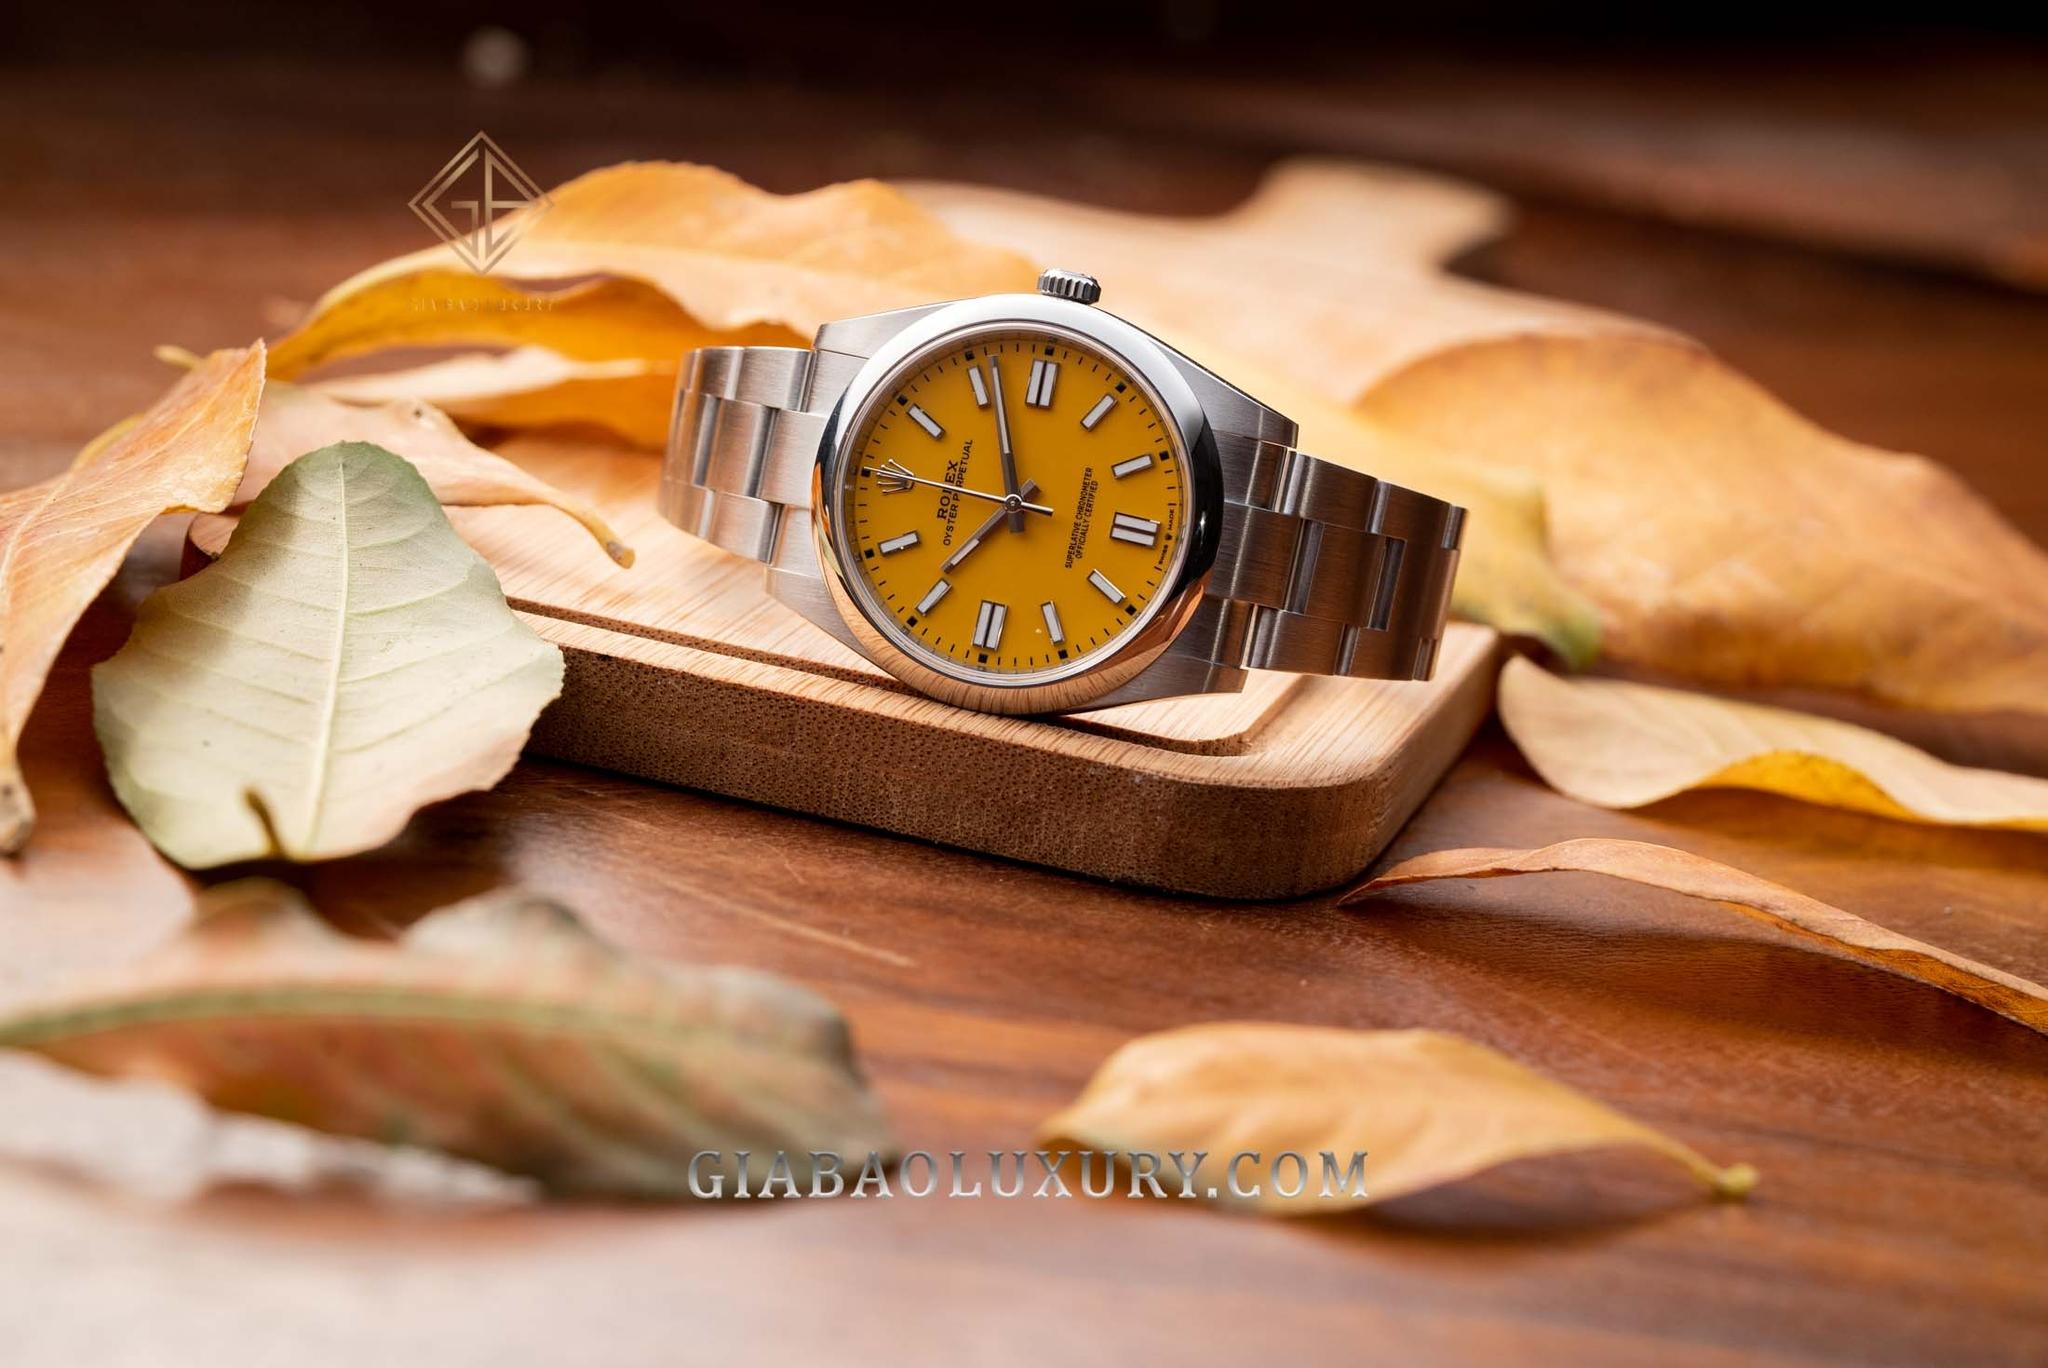 Đồng Hồ Rolex Oyster Perpetual 41 124300 Mặt Số Vàng